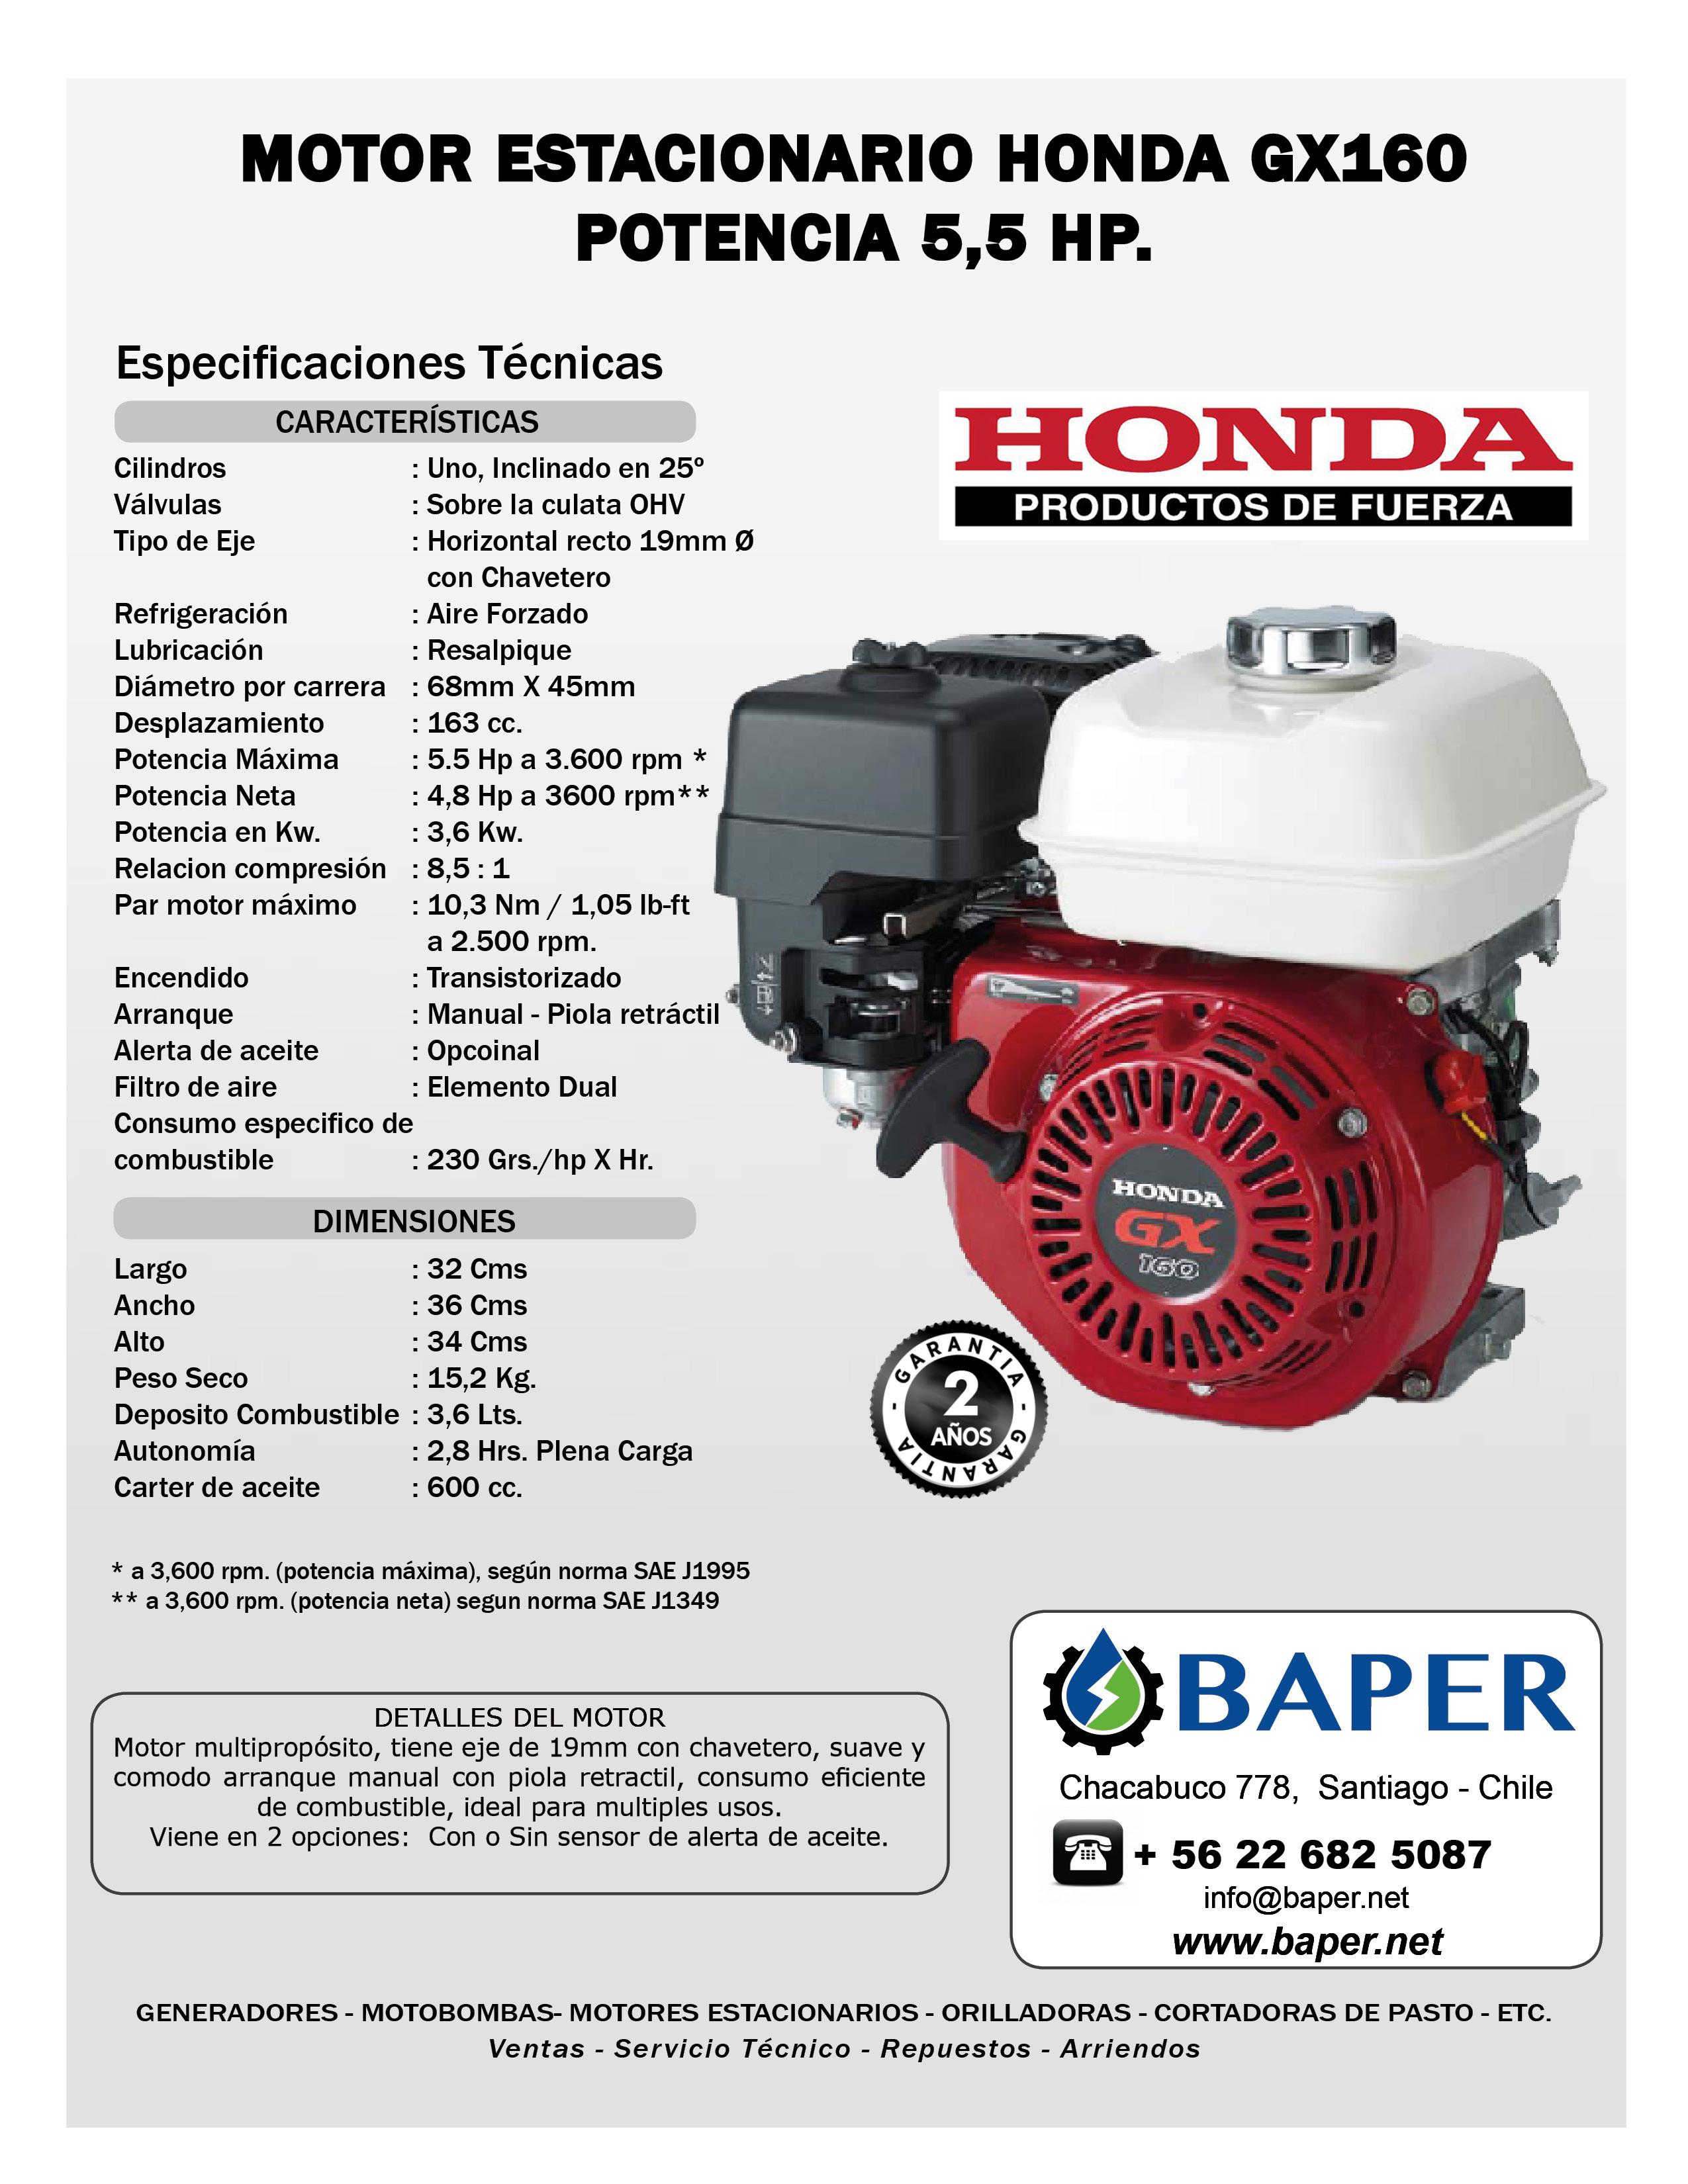 motor estacionario honda bencinero gx160 5 5 hp sin alerta de aceite rh baper net generador honda gx160 manual Generador Soldador